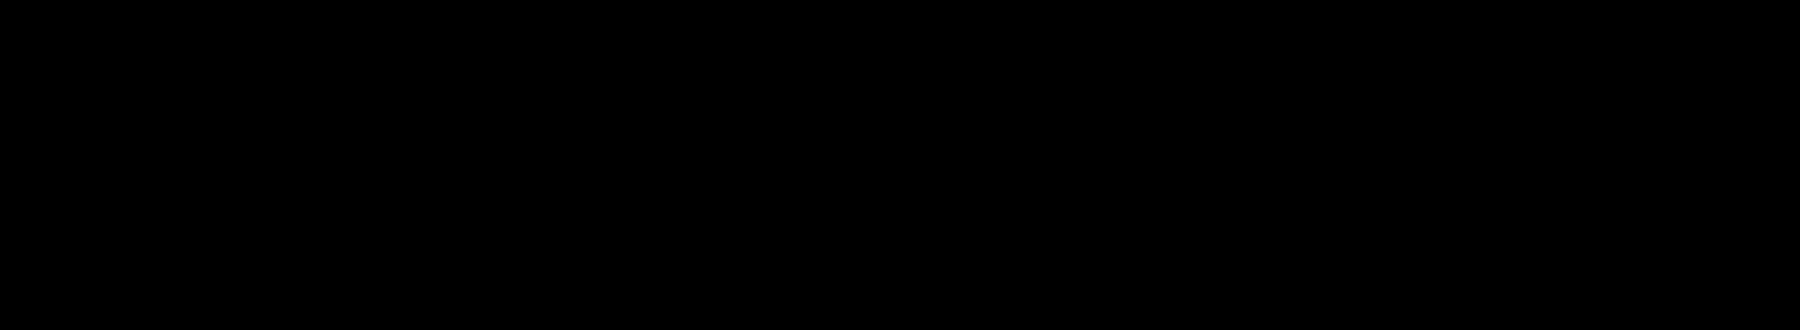 Ezzy Hydra